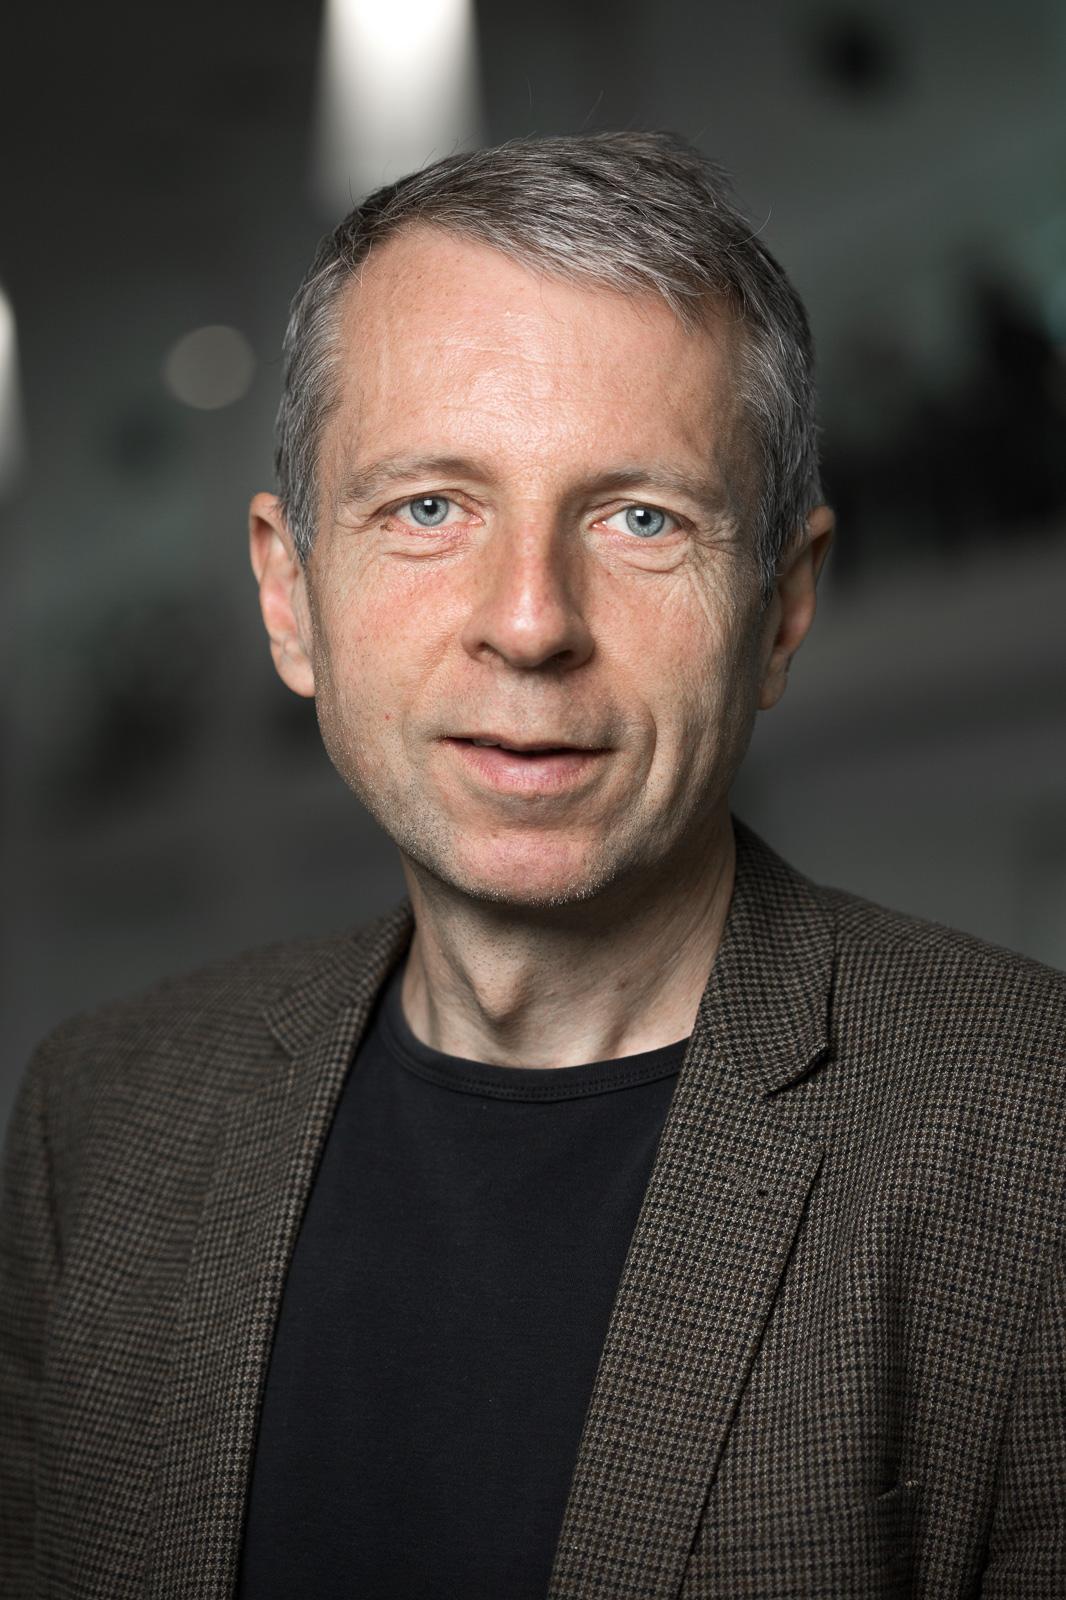 Keld Pedersen